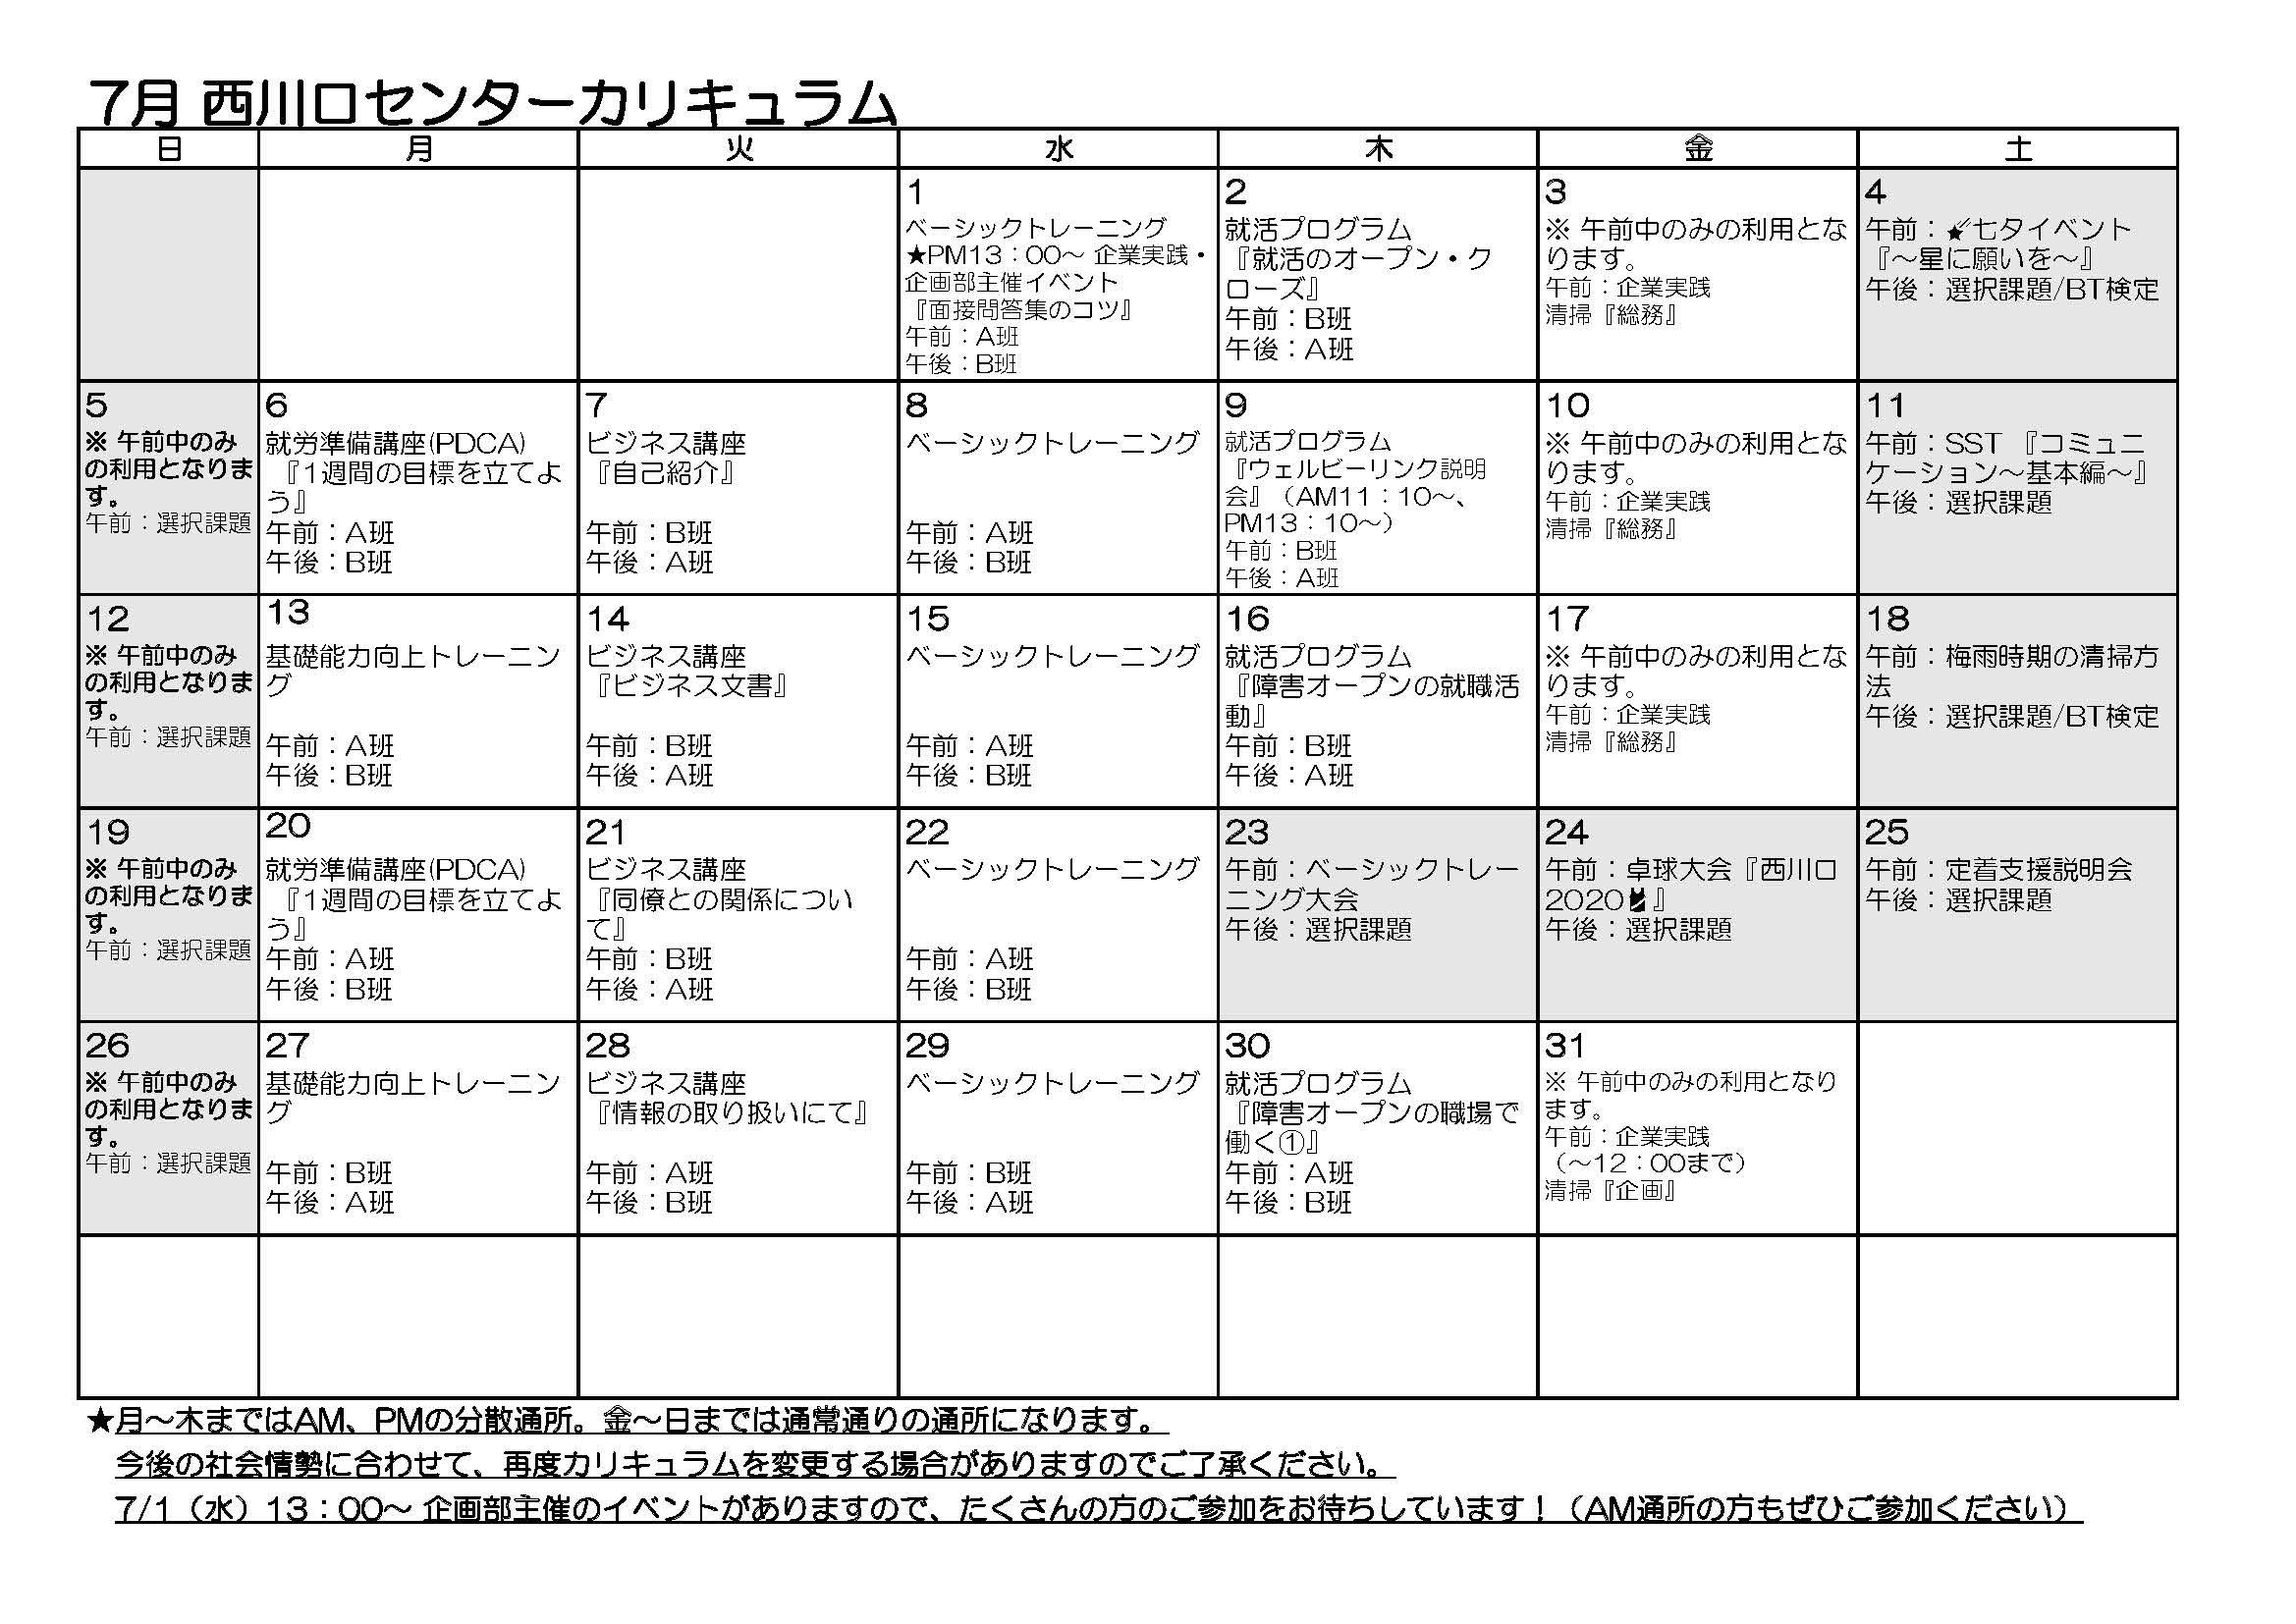 7月月間カリキュラム表